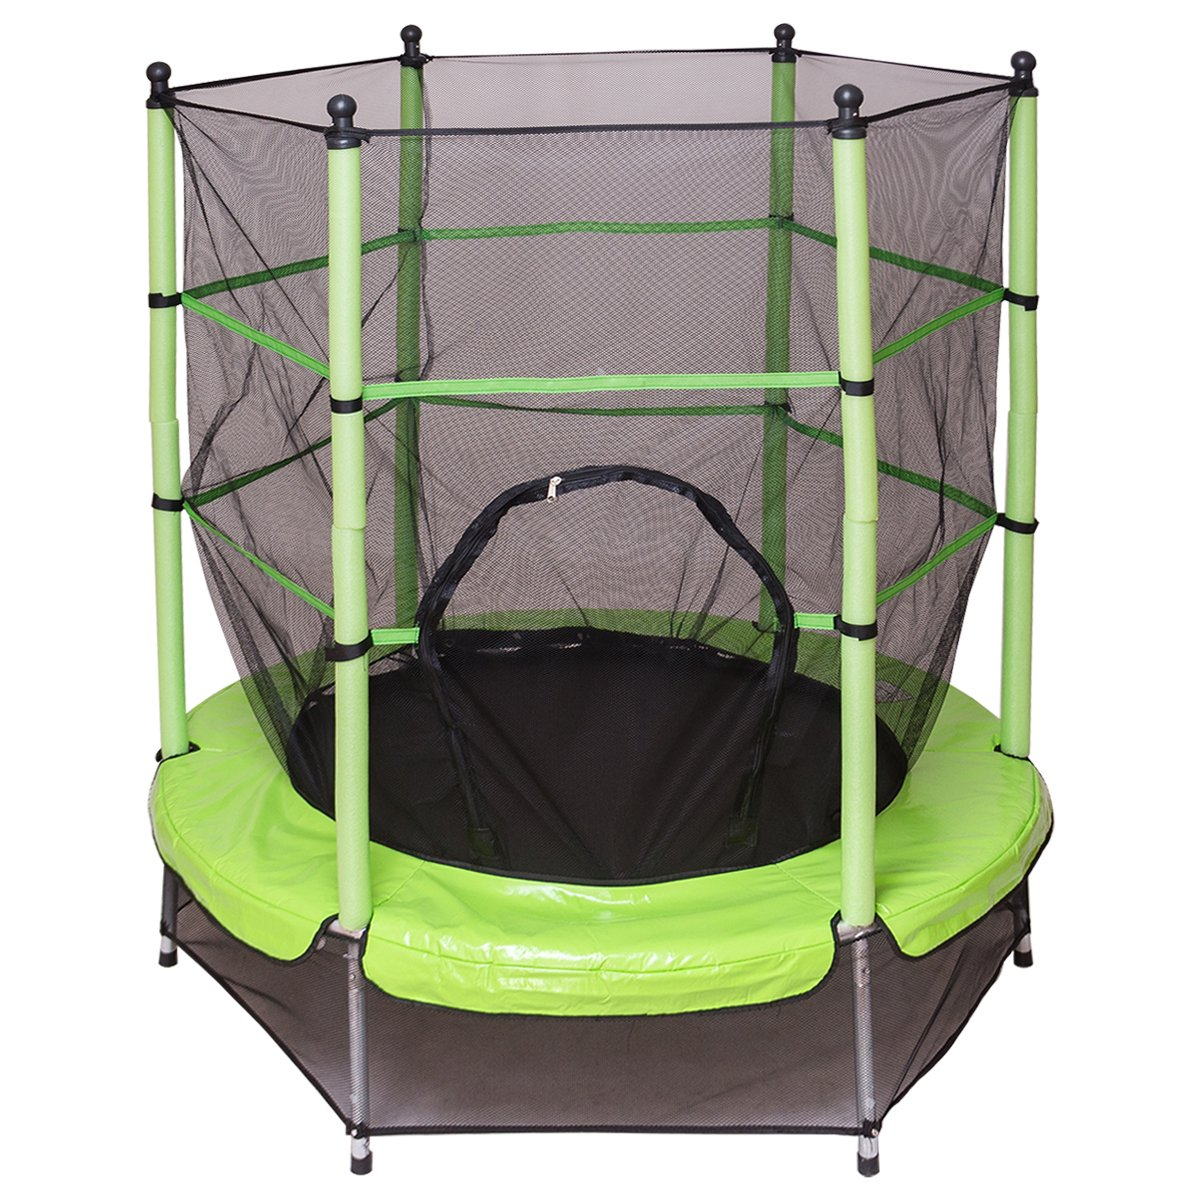 GOPLUS Trampolin Gartentrampolin Outdoor Indoor Trampolin Kindertrampolin Sprungmatte mit Sicherheitsnetz 160cm Farbwahl